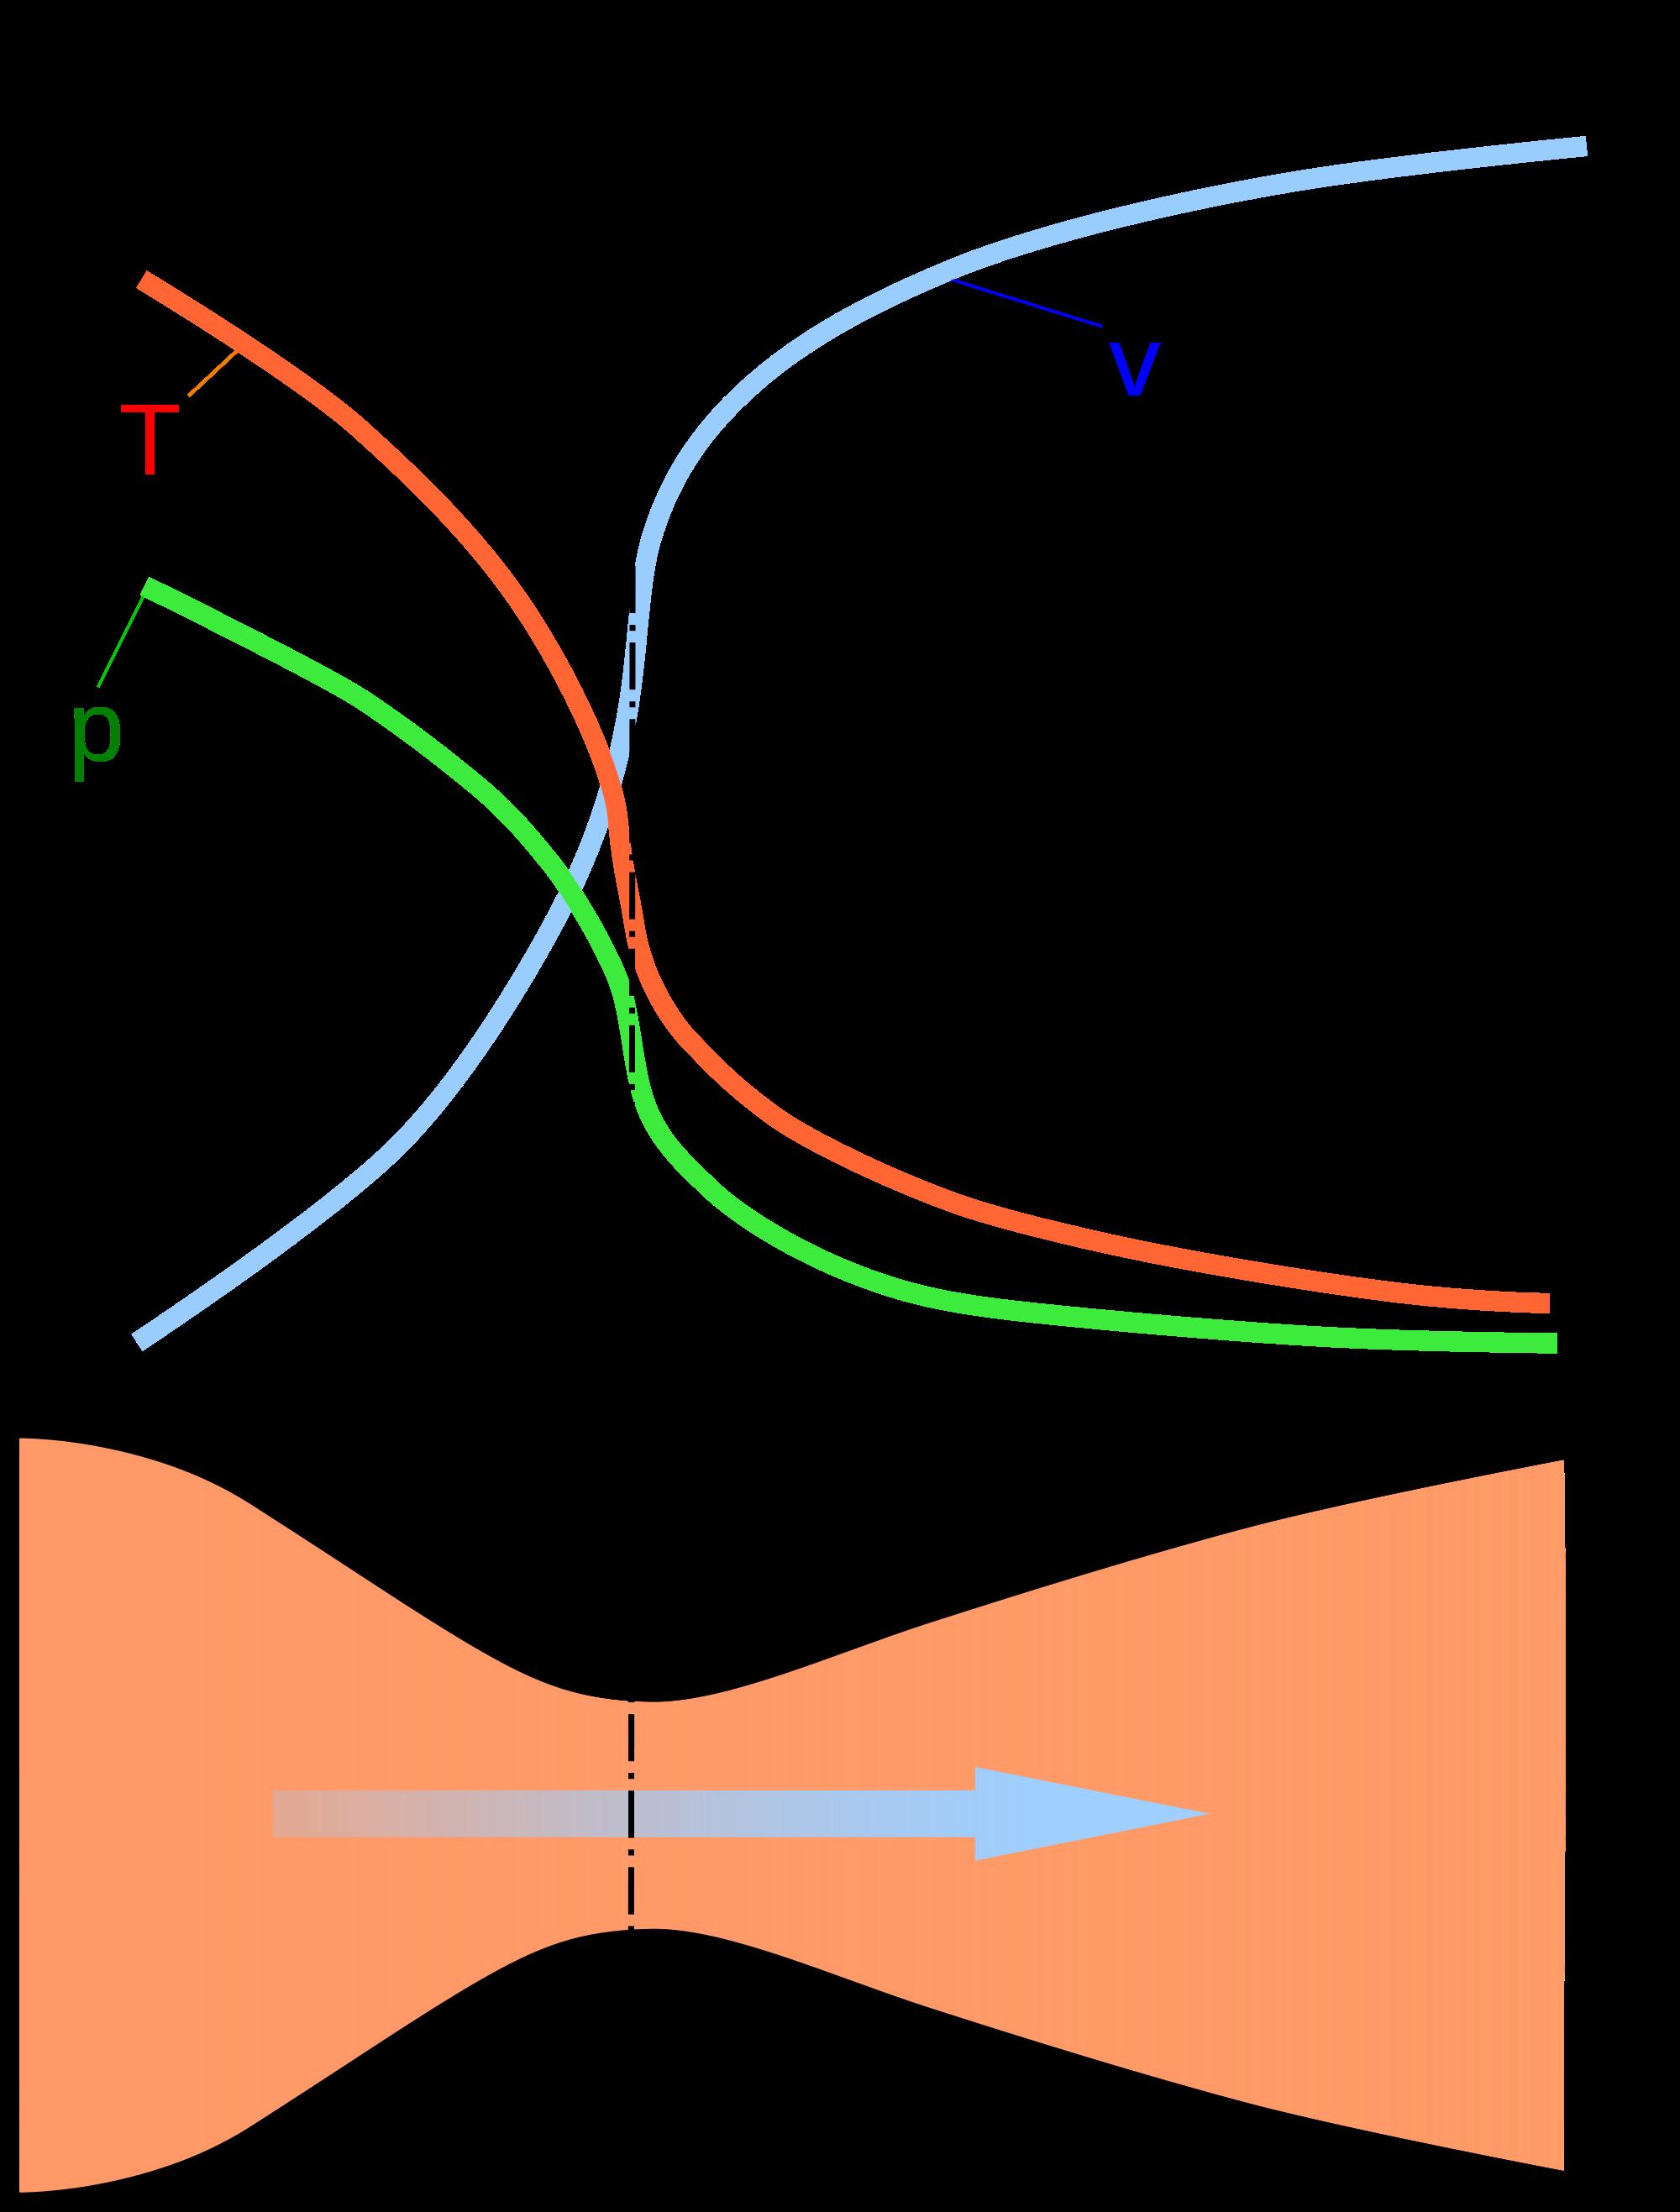 формула центра давления ракеты